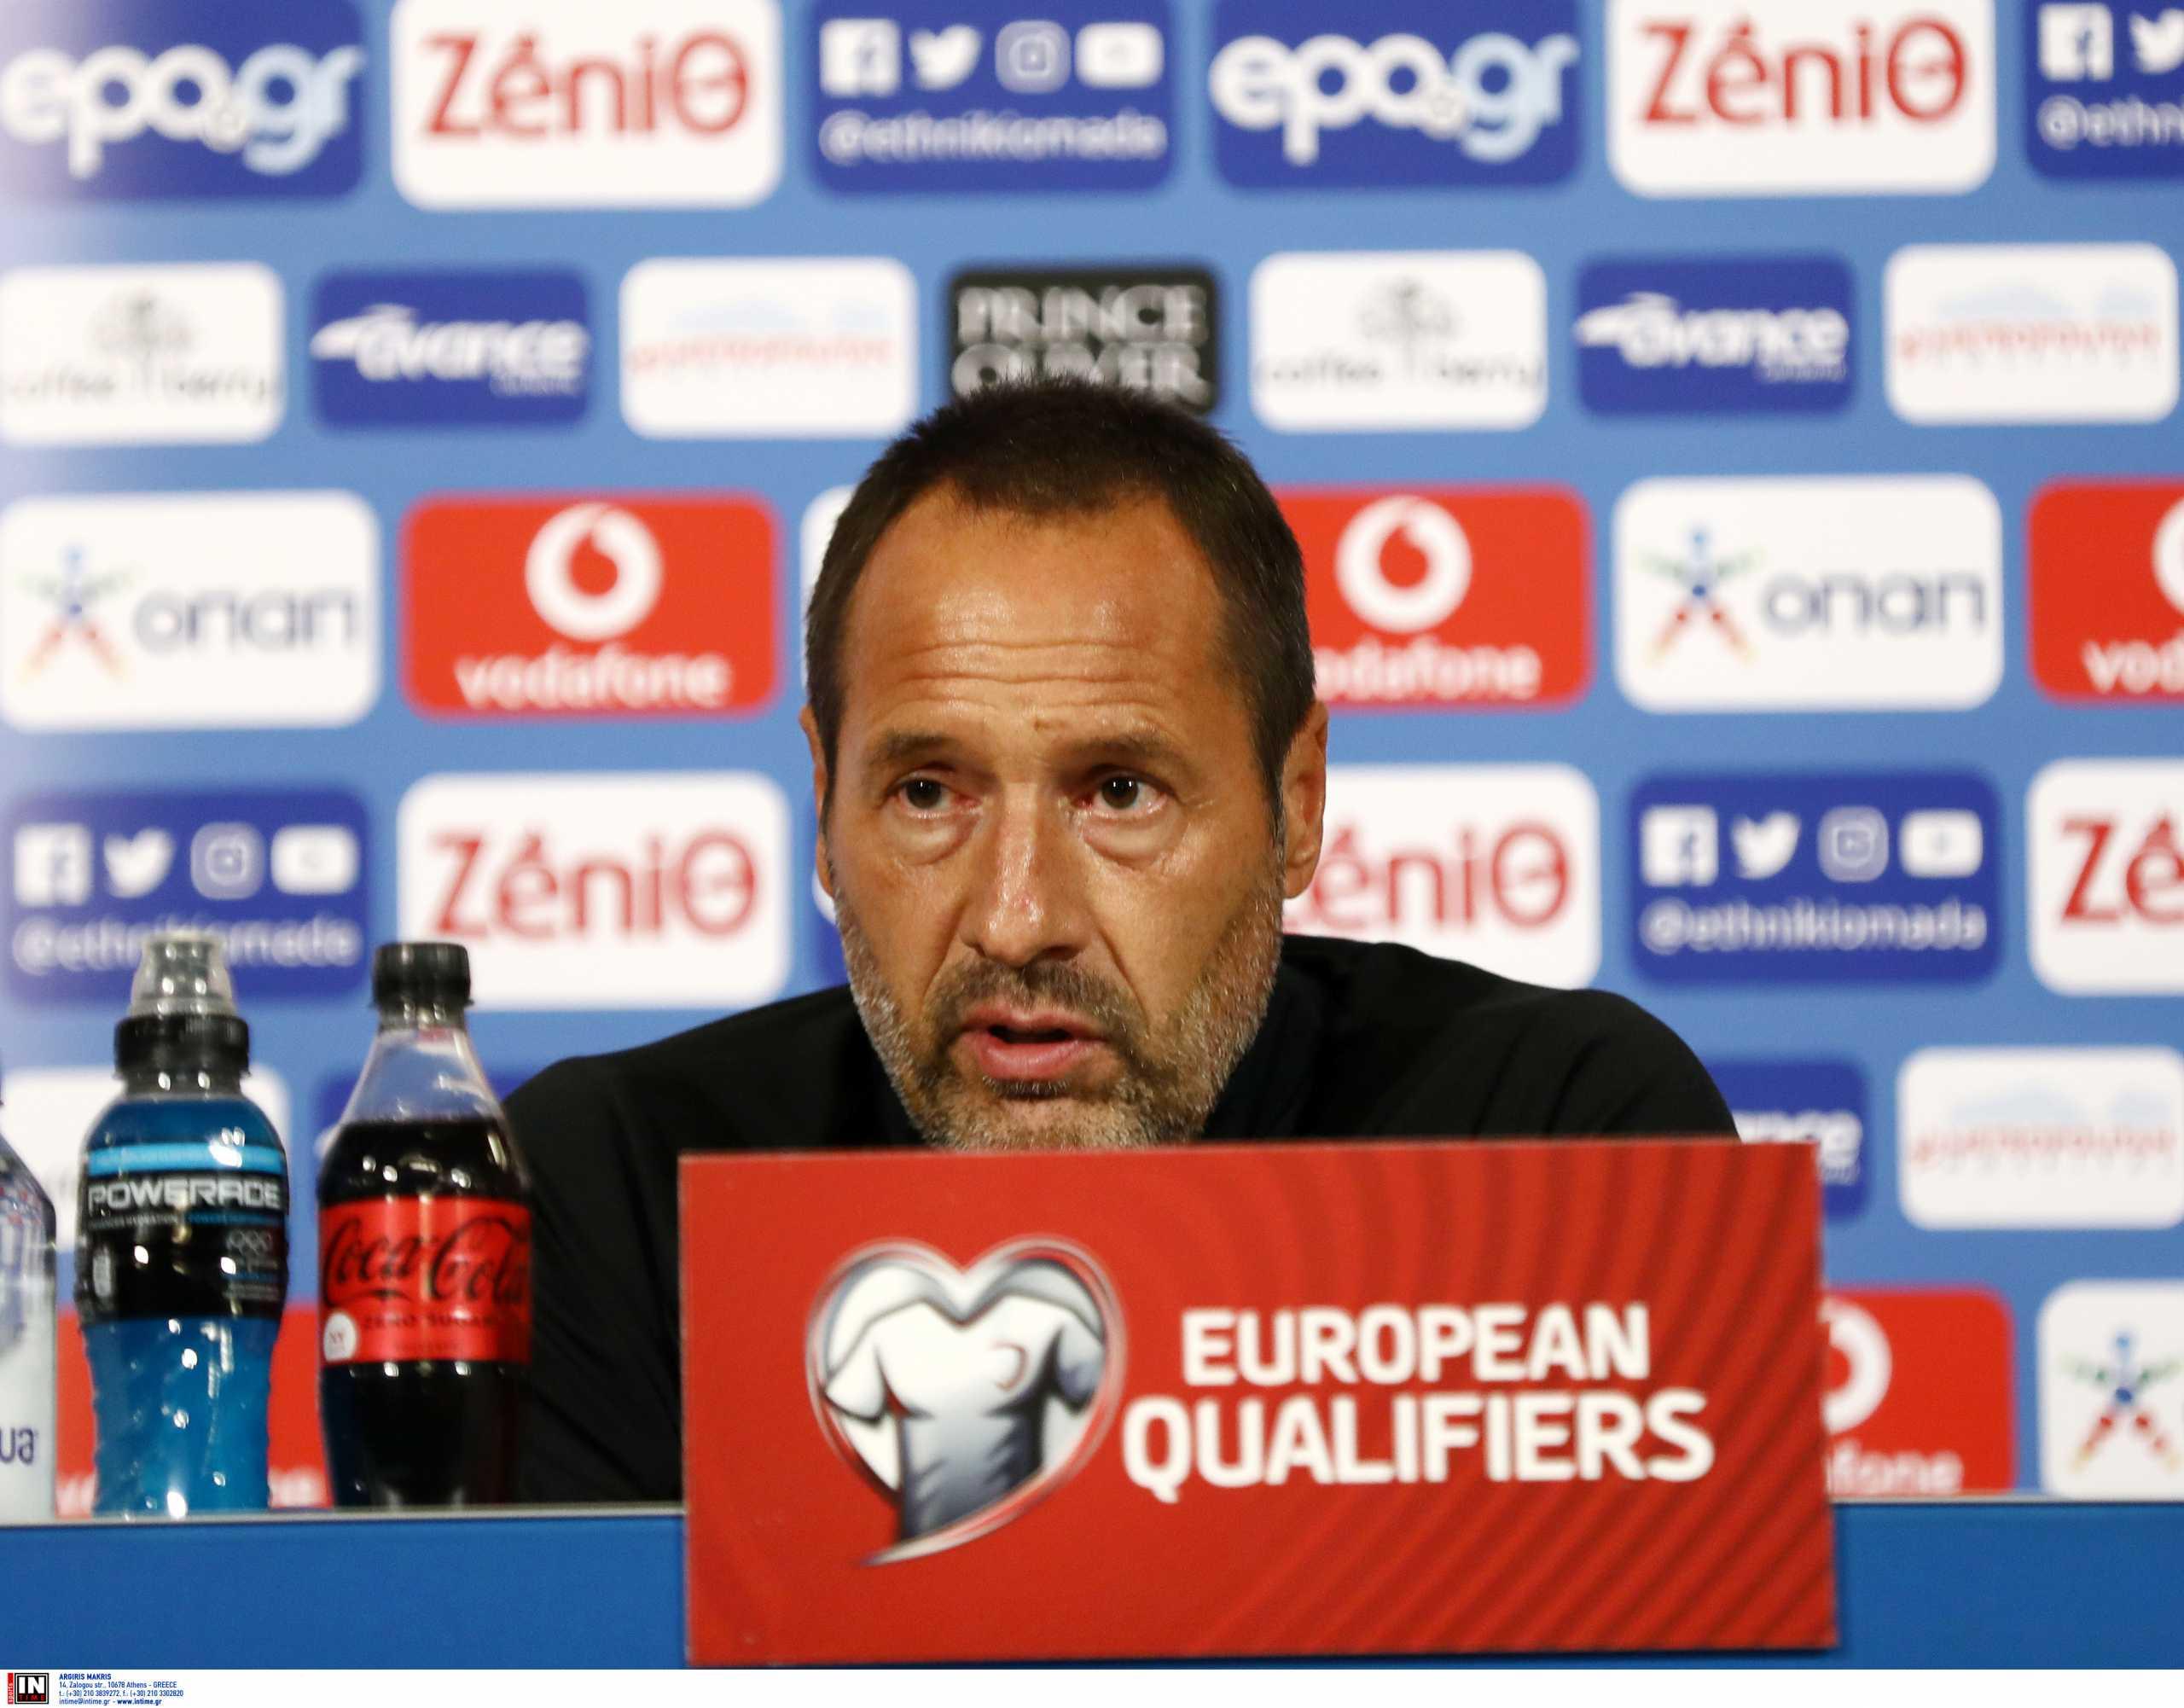 Προκριματικά Μουντιάλ 2022, Ελλάδα – Φαν'τ Σιπ: «Τελικός με Σουηδία, δεν μπαίνουμε με νοοτροπία αουτσάιντερ»